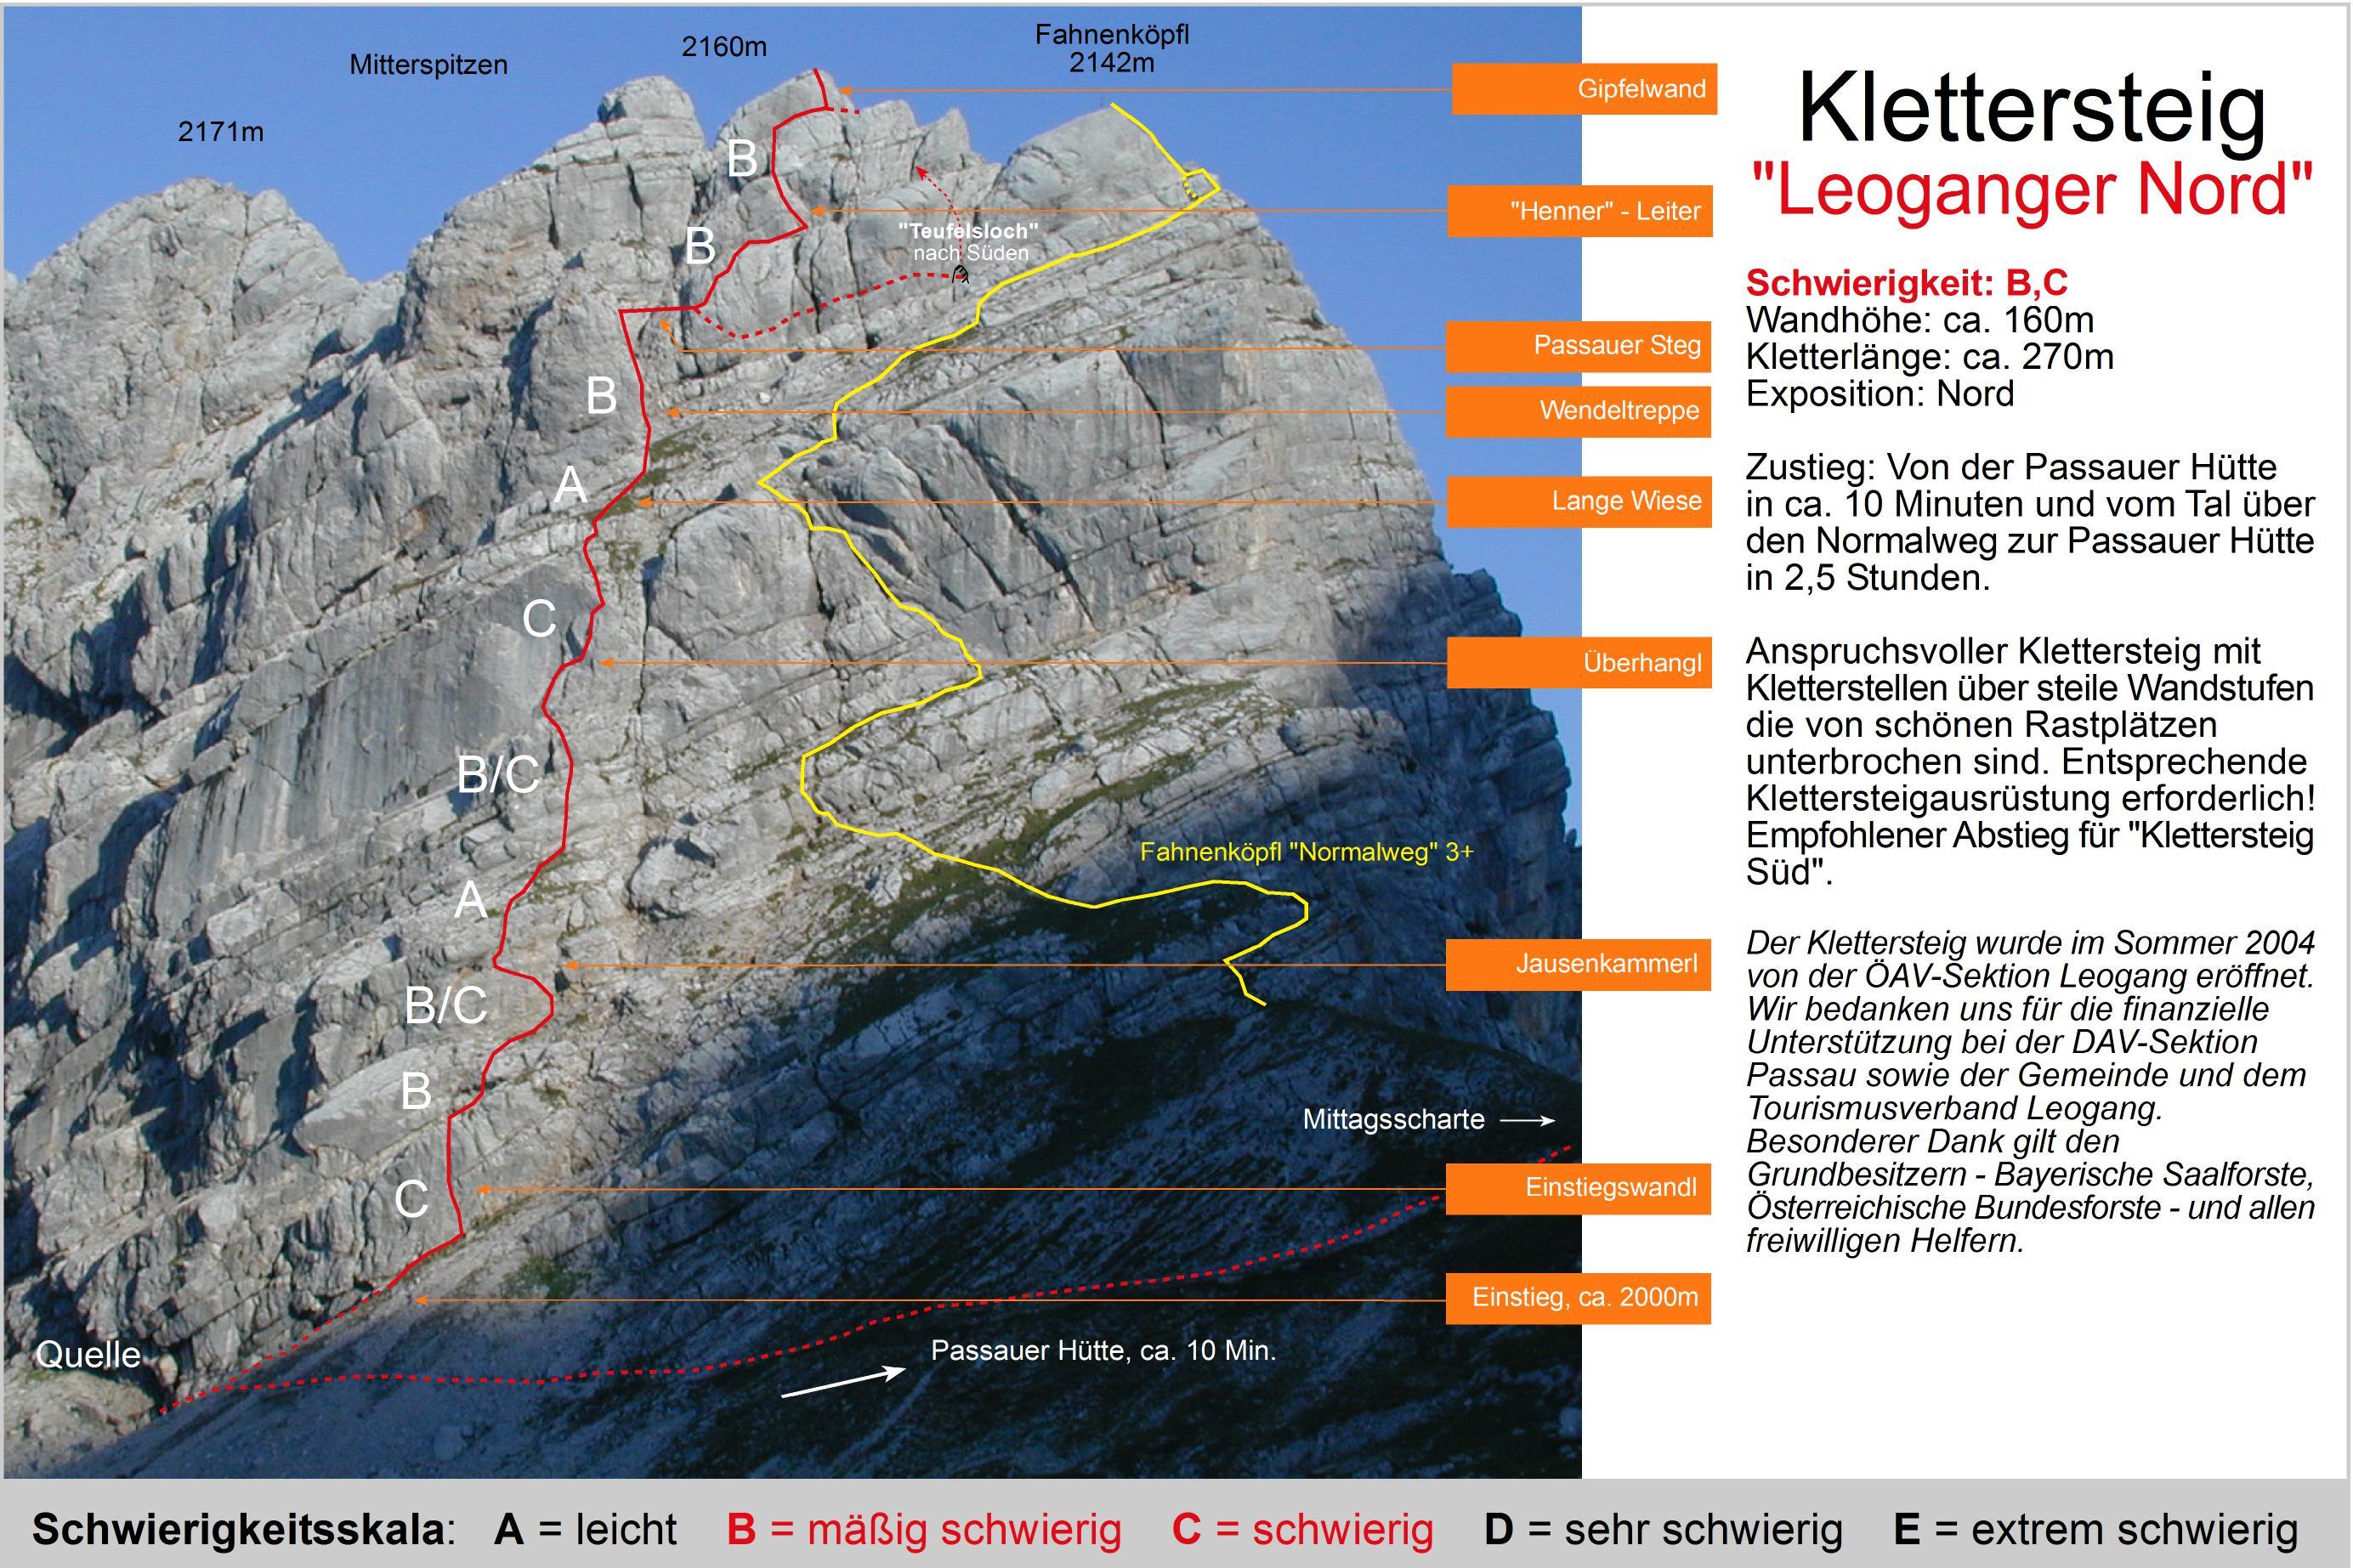 Klettersteig Map : Klettersteige steinberge